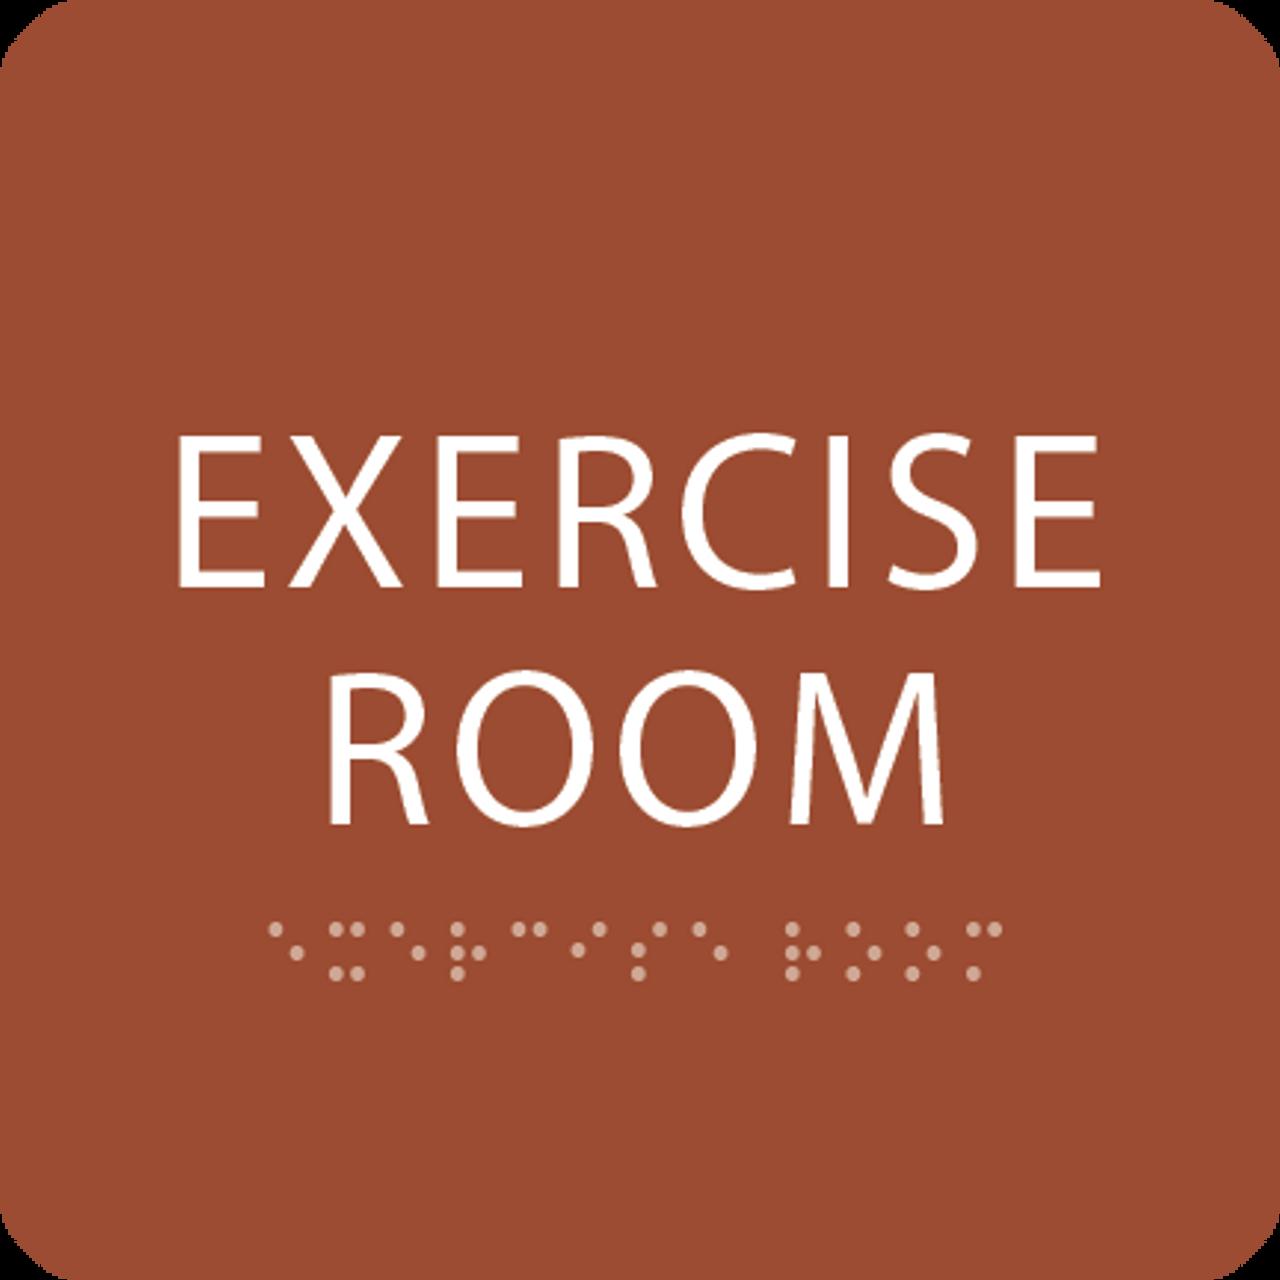 Orange Exercise Room ADA Sign